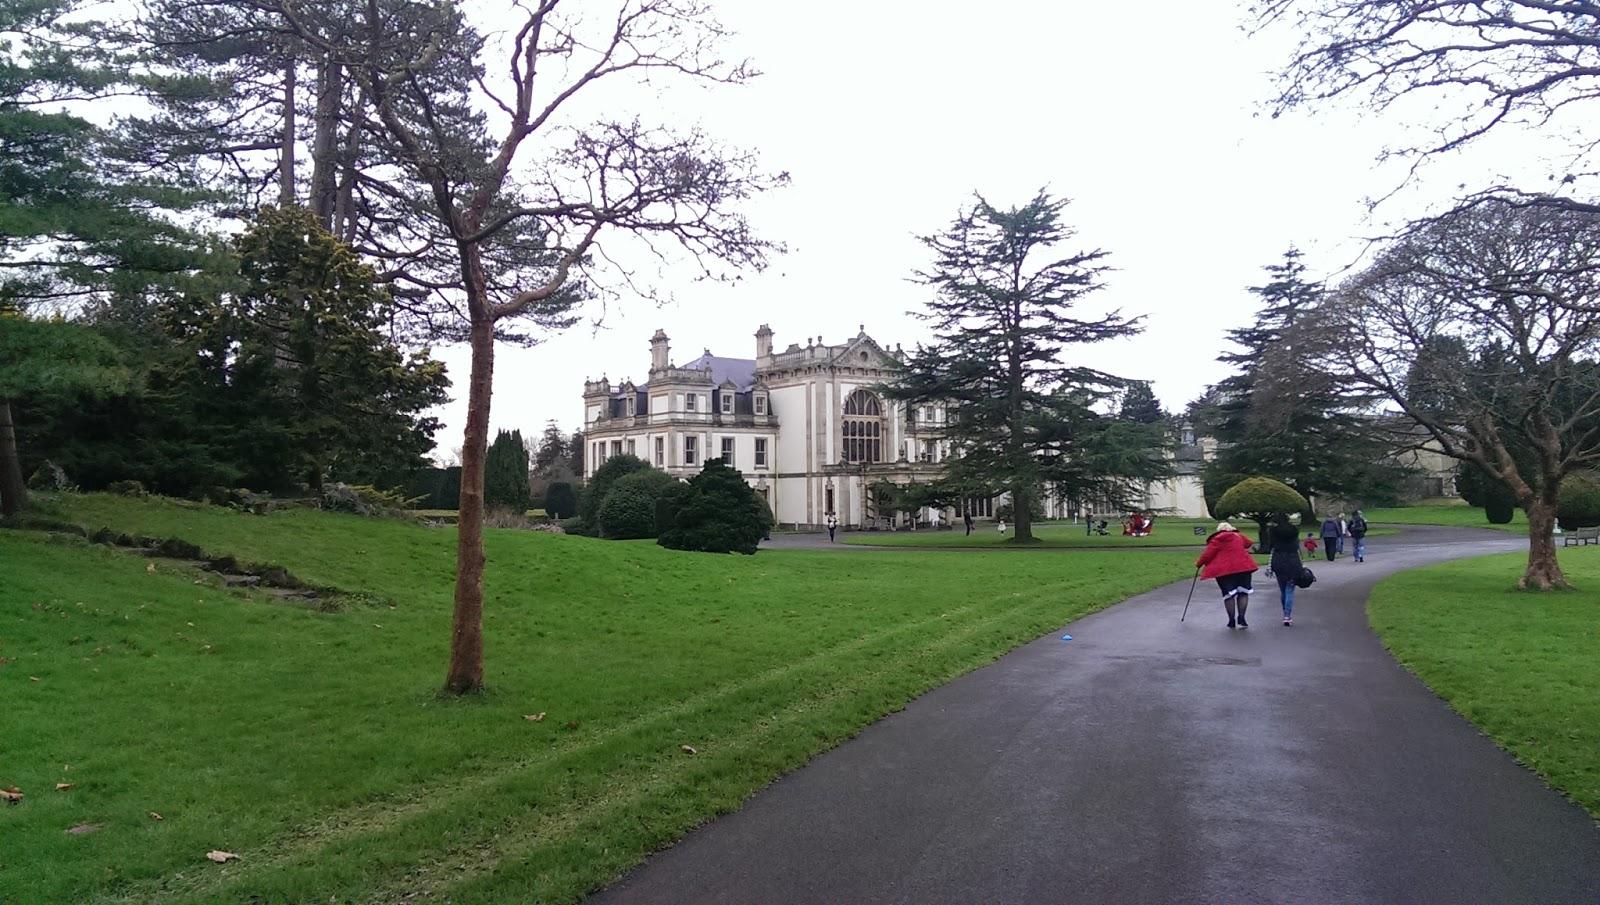 Dyffryn House at Dyffryn Gardens